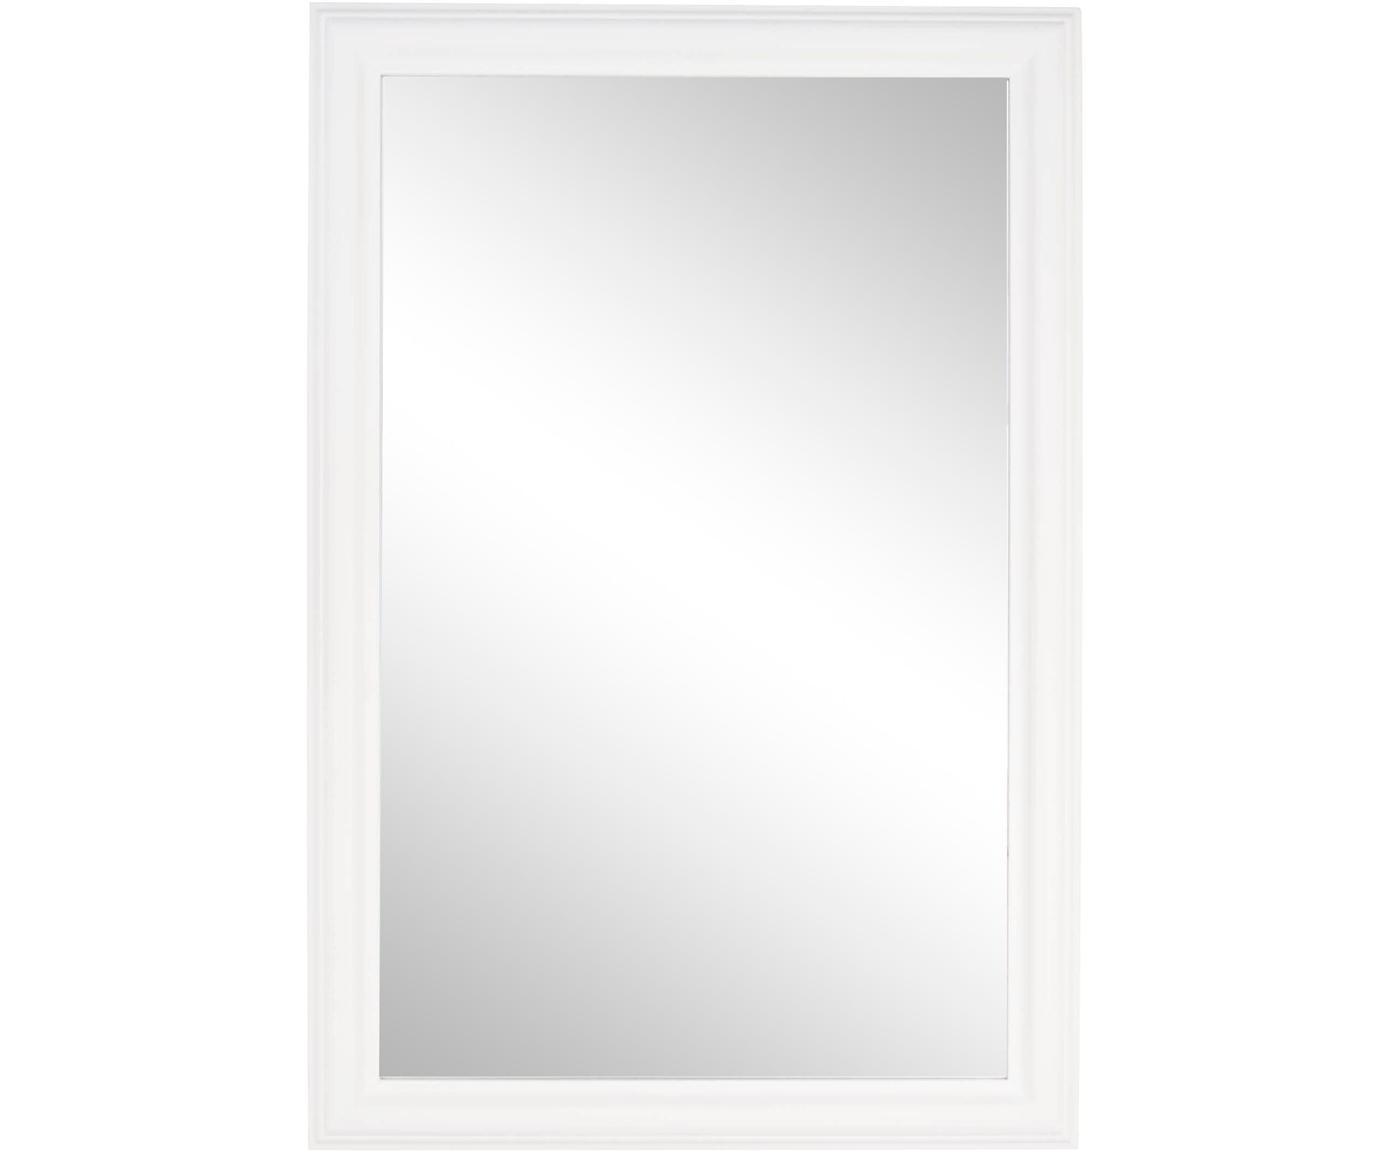 Rechthoekige wandspiegel Sanzio met witte houten lijst, Lijst: gecoat hout, Wit, 60 x 90 cm